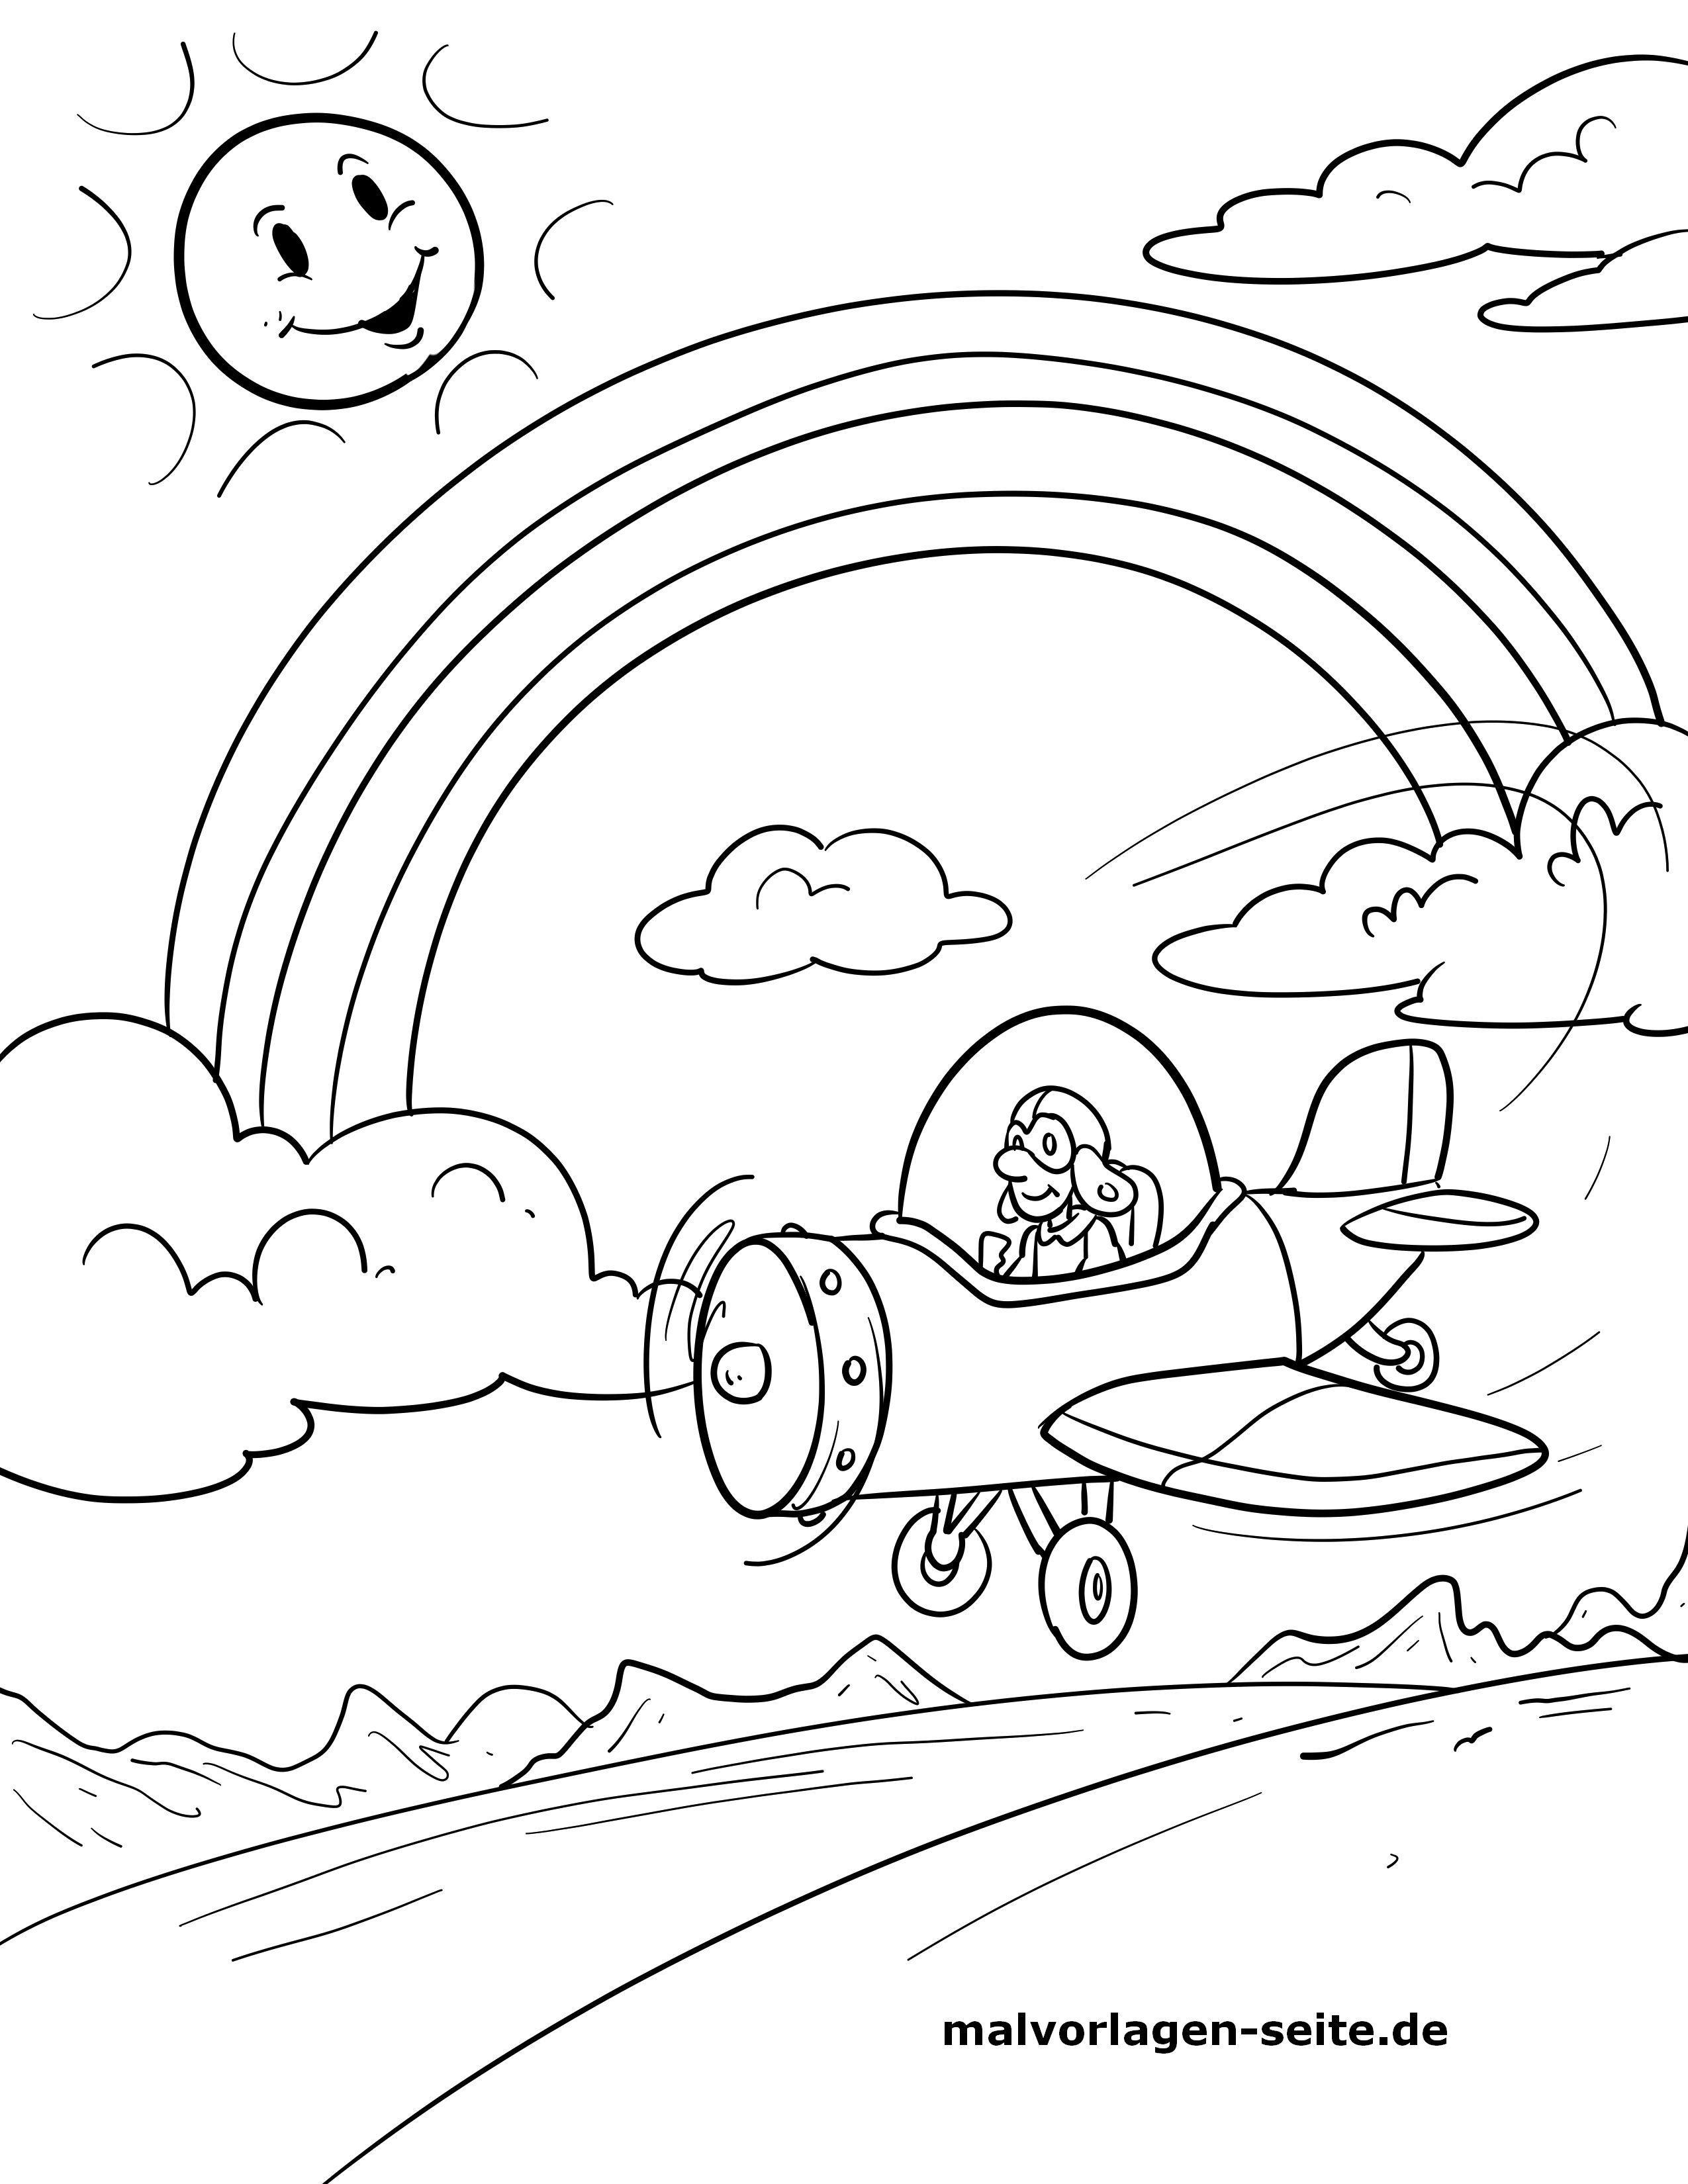 Malvorlage Regenbogen mit Flugzeug - Kostenlose Ausmalbilder